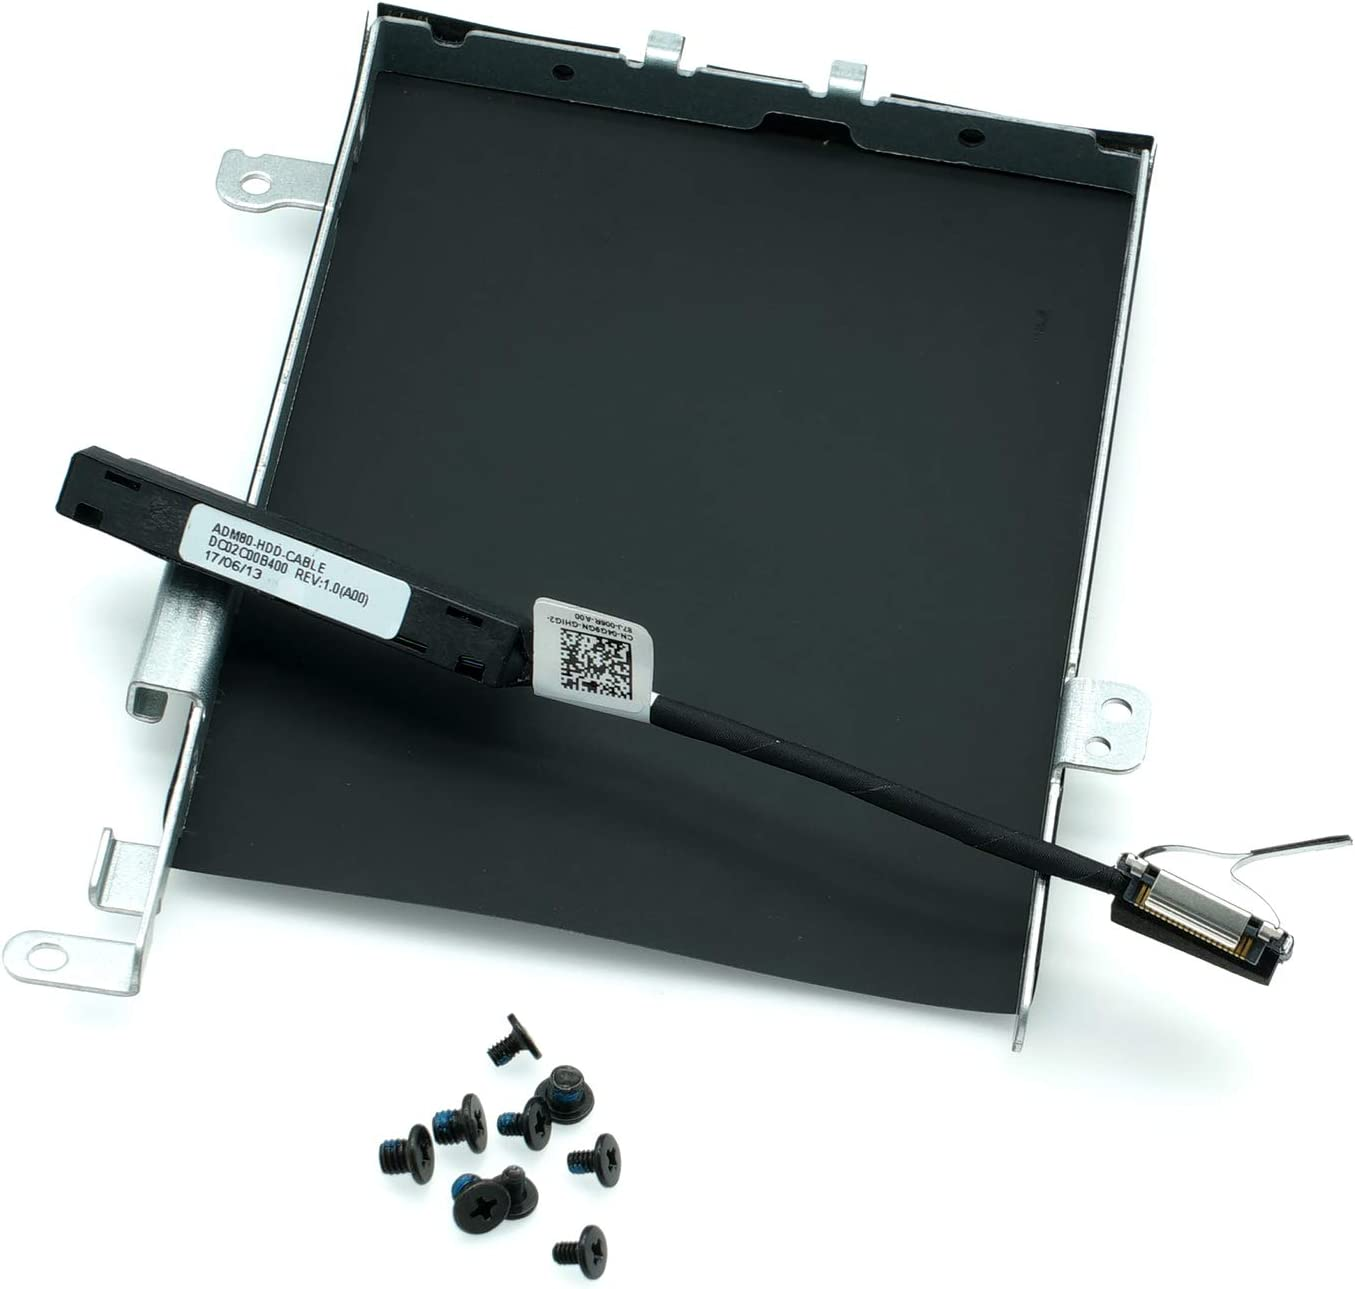 SATA HDD SSD Hard Drive Cable For Dell Latitude E5470 E5480 DC02C00B100 080RK8